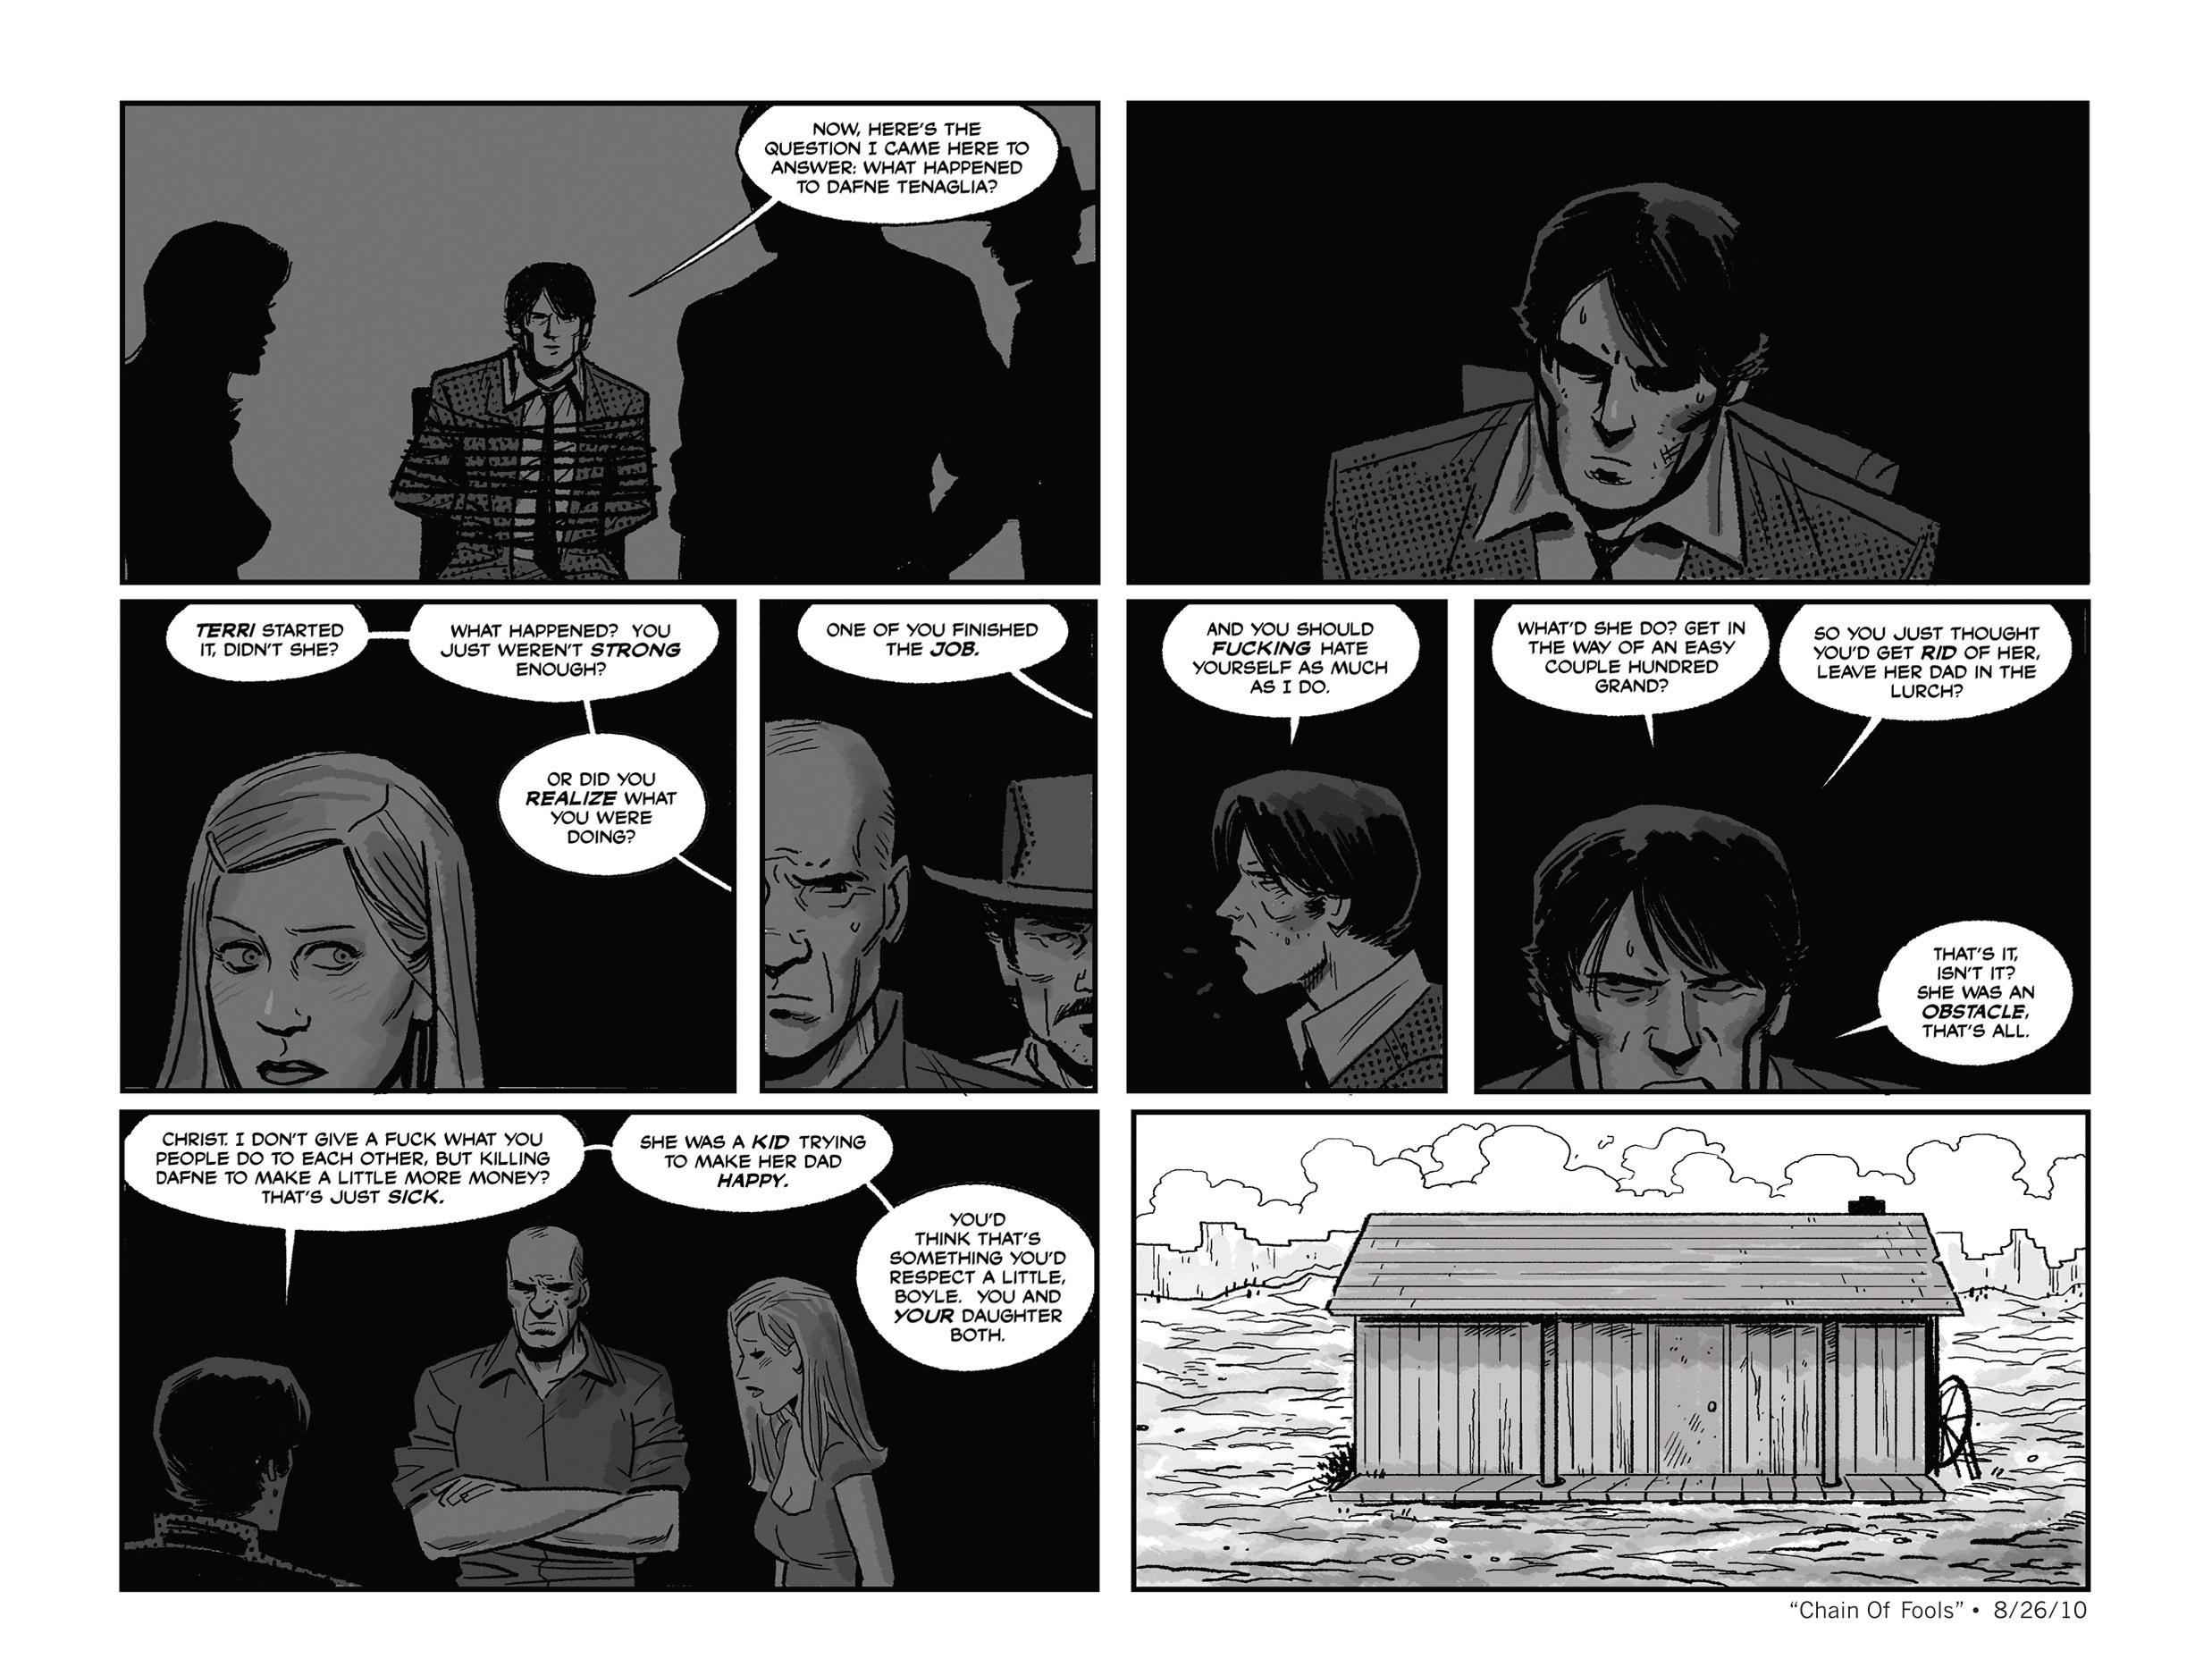 Read online She Died In Terrebonne comic -  Issue #3 - 15